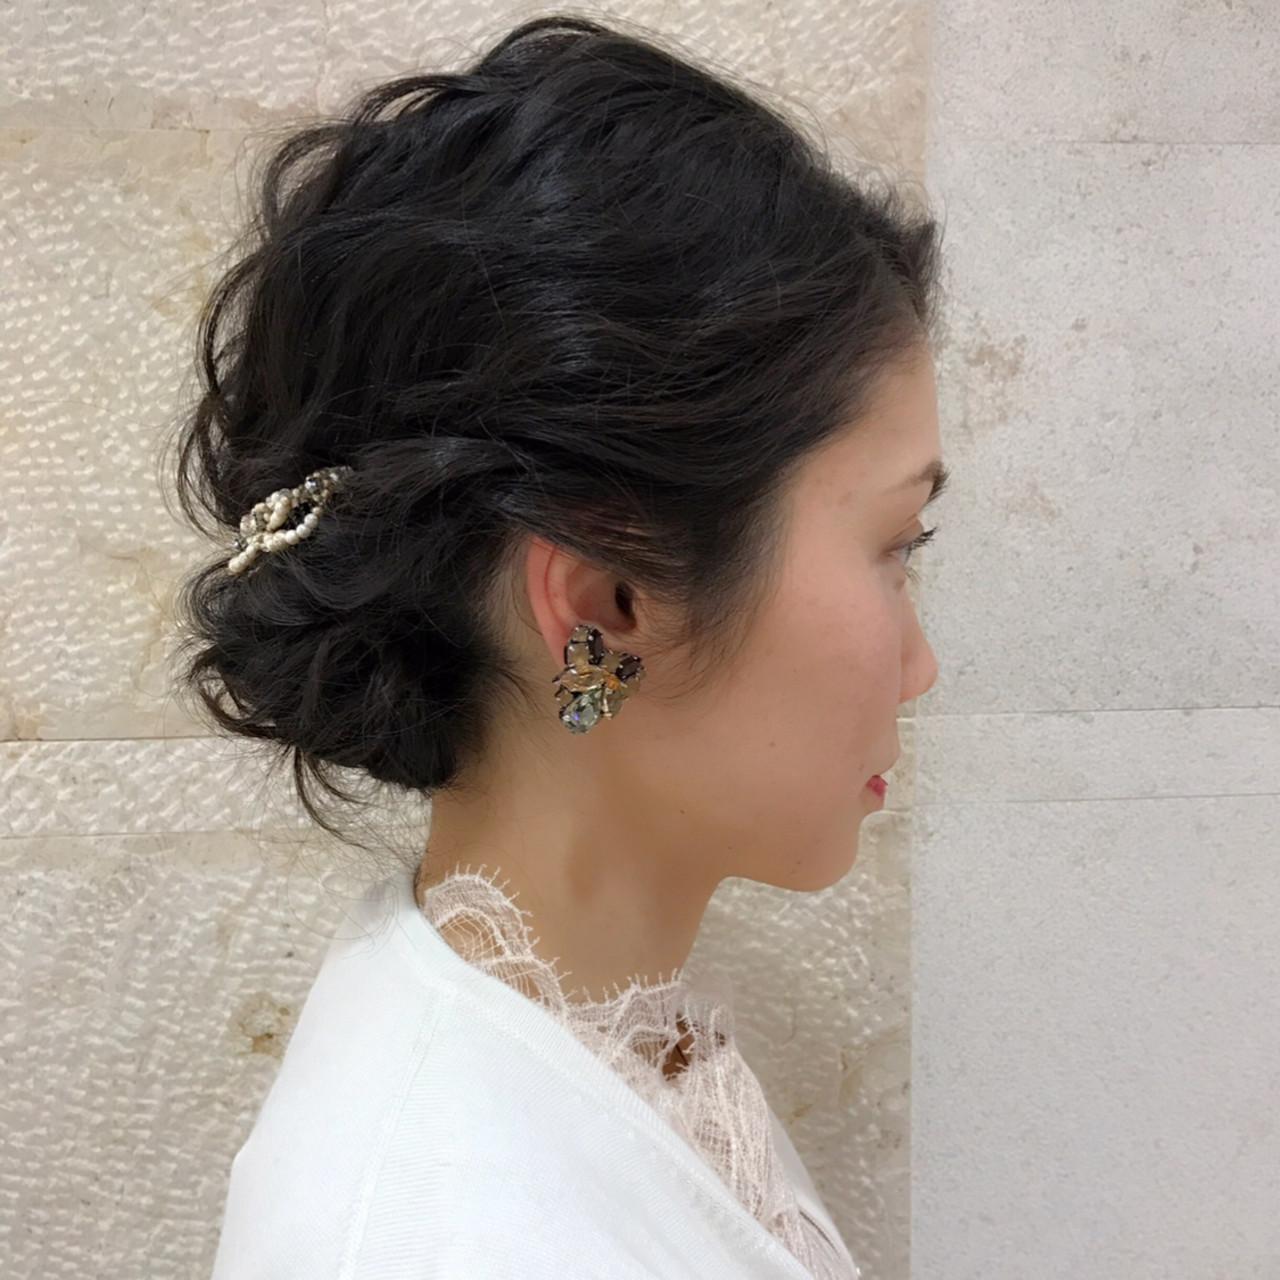 デート ミディアム ナチュラル 成人式 ヘアスタイルや髪型の写真・画像